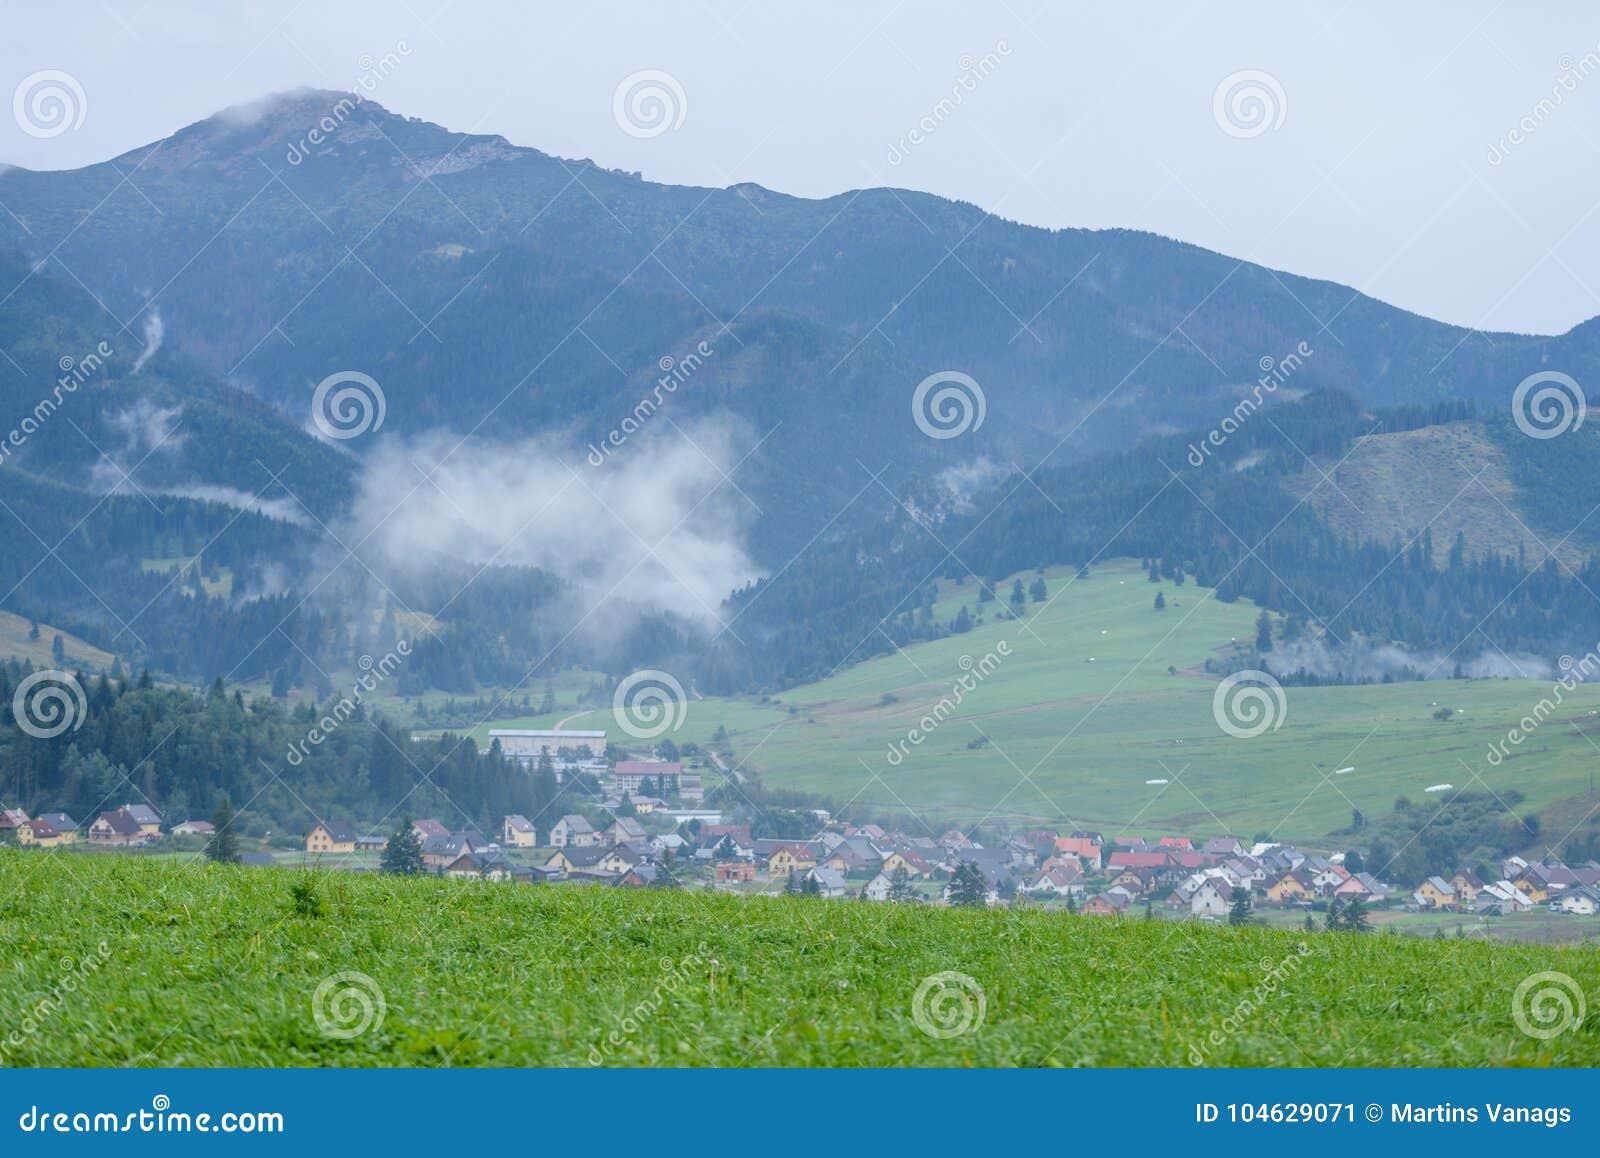 Download De Mening Van Het Berggebied In Slowakije Stock Afbeelding - Afbeelding bestaande uit licht, mist: 104629071